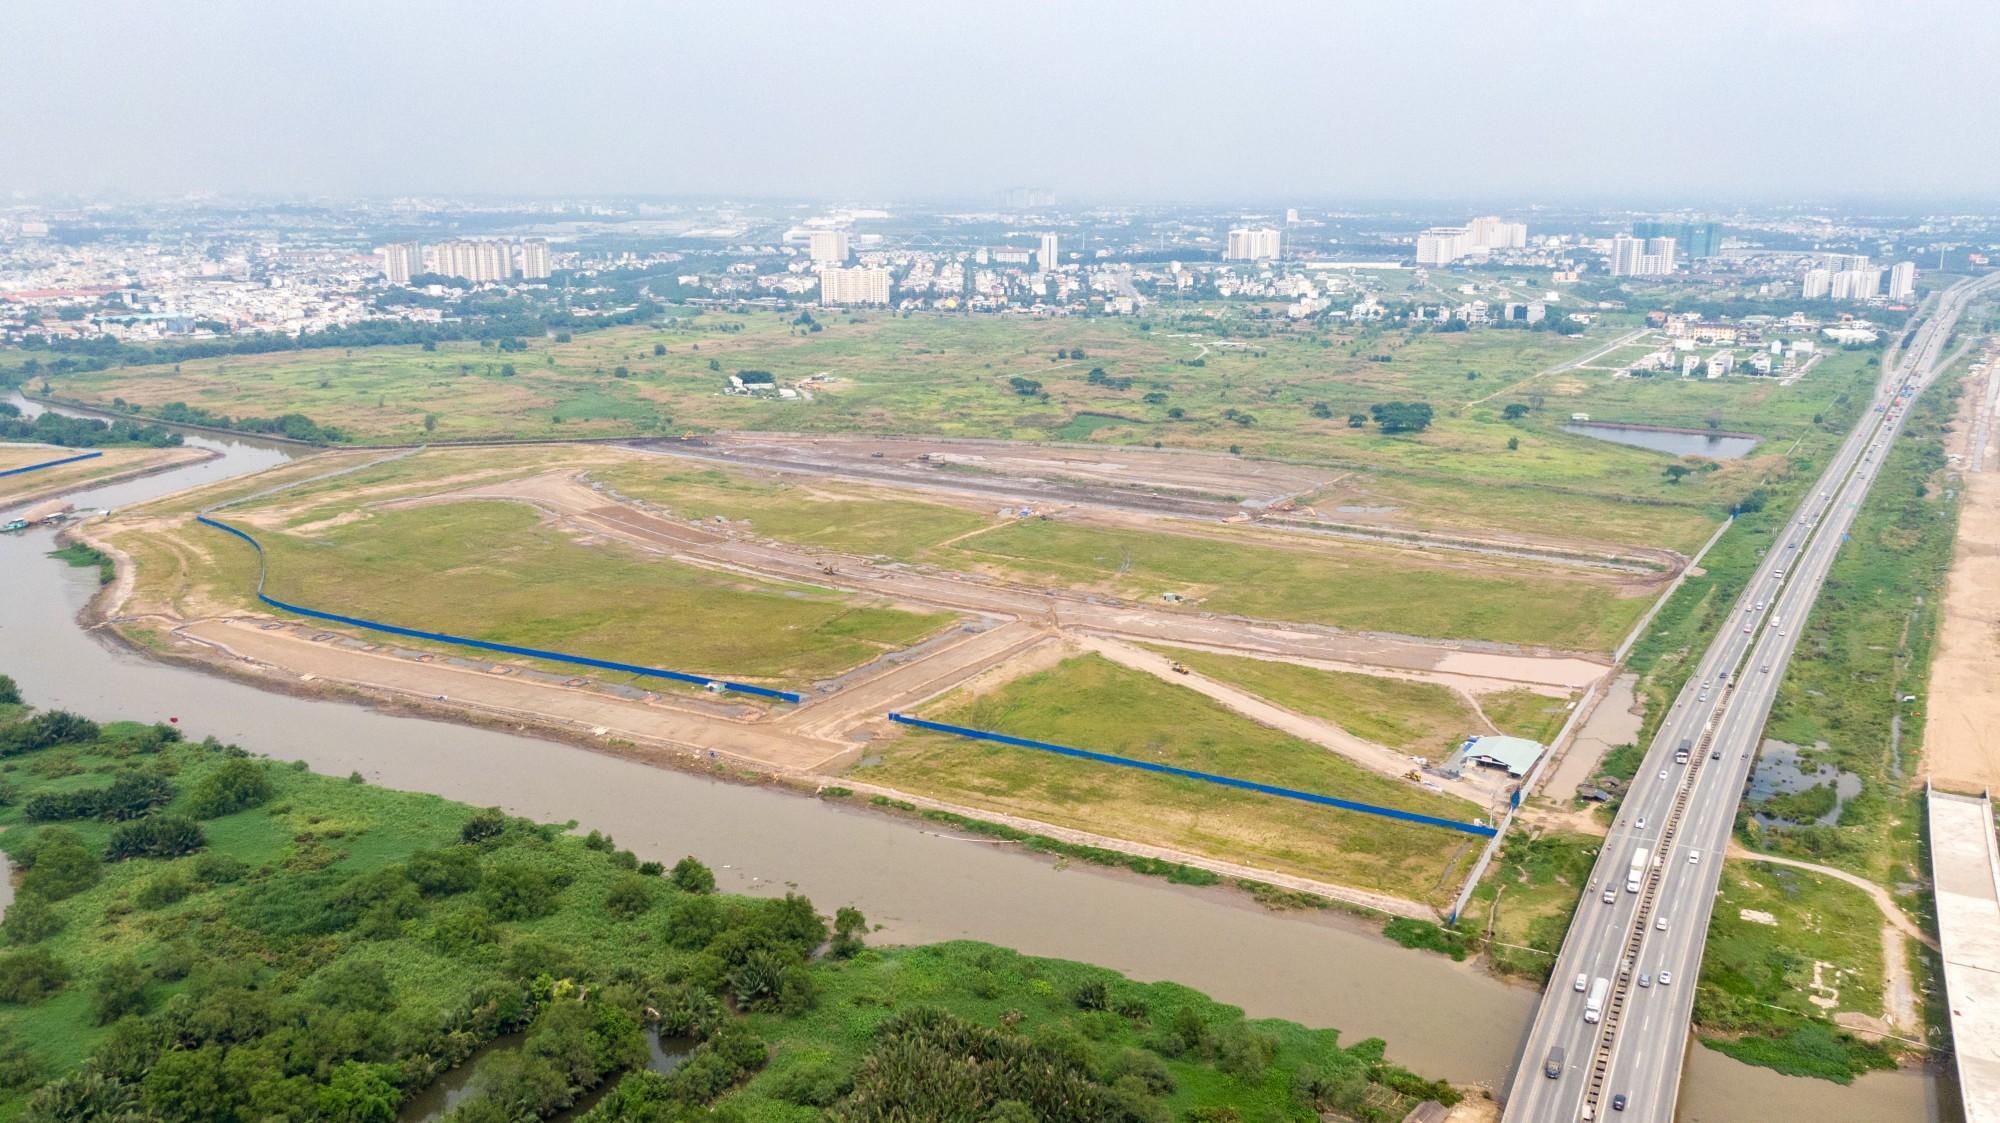 Tiến độ dự án căn hộ chung cư Saigon Sposts City Quận 2 hiện tại đã hoàn thành phần san lấp mặt bằng và đã bàn giao mặt bằng cho CĐT